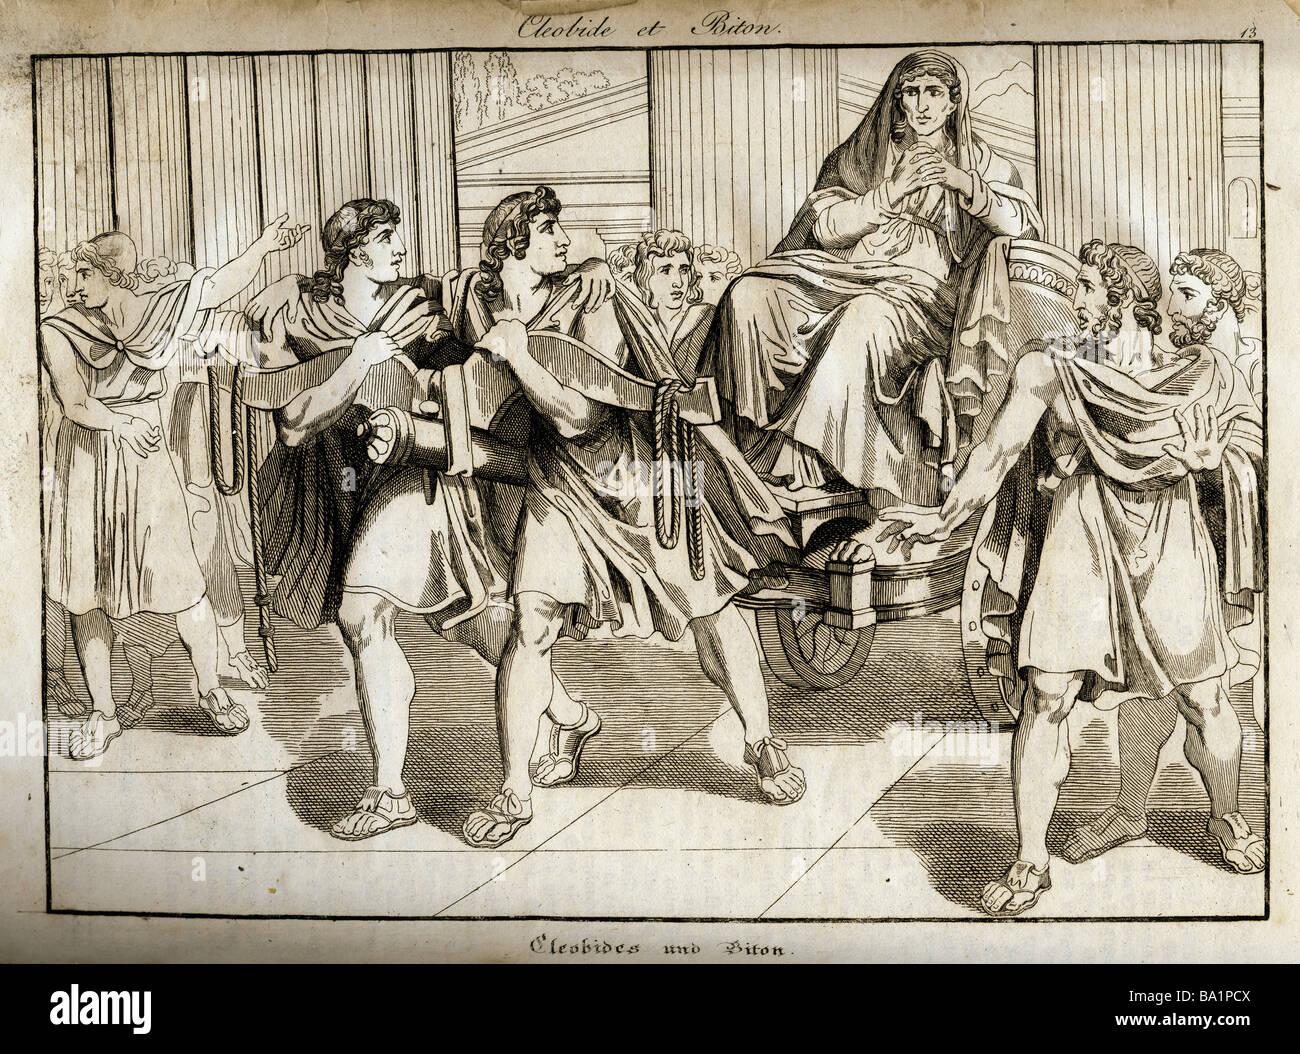 ancient world, Greece, mythology, 'Kleobis and Biton', copper engraving, 'Vorzeit und Gegenwart', - Stock Image